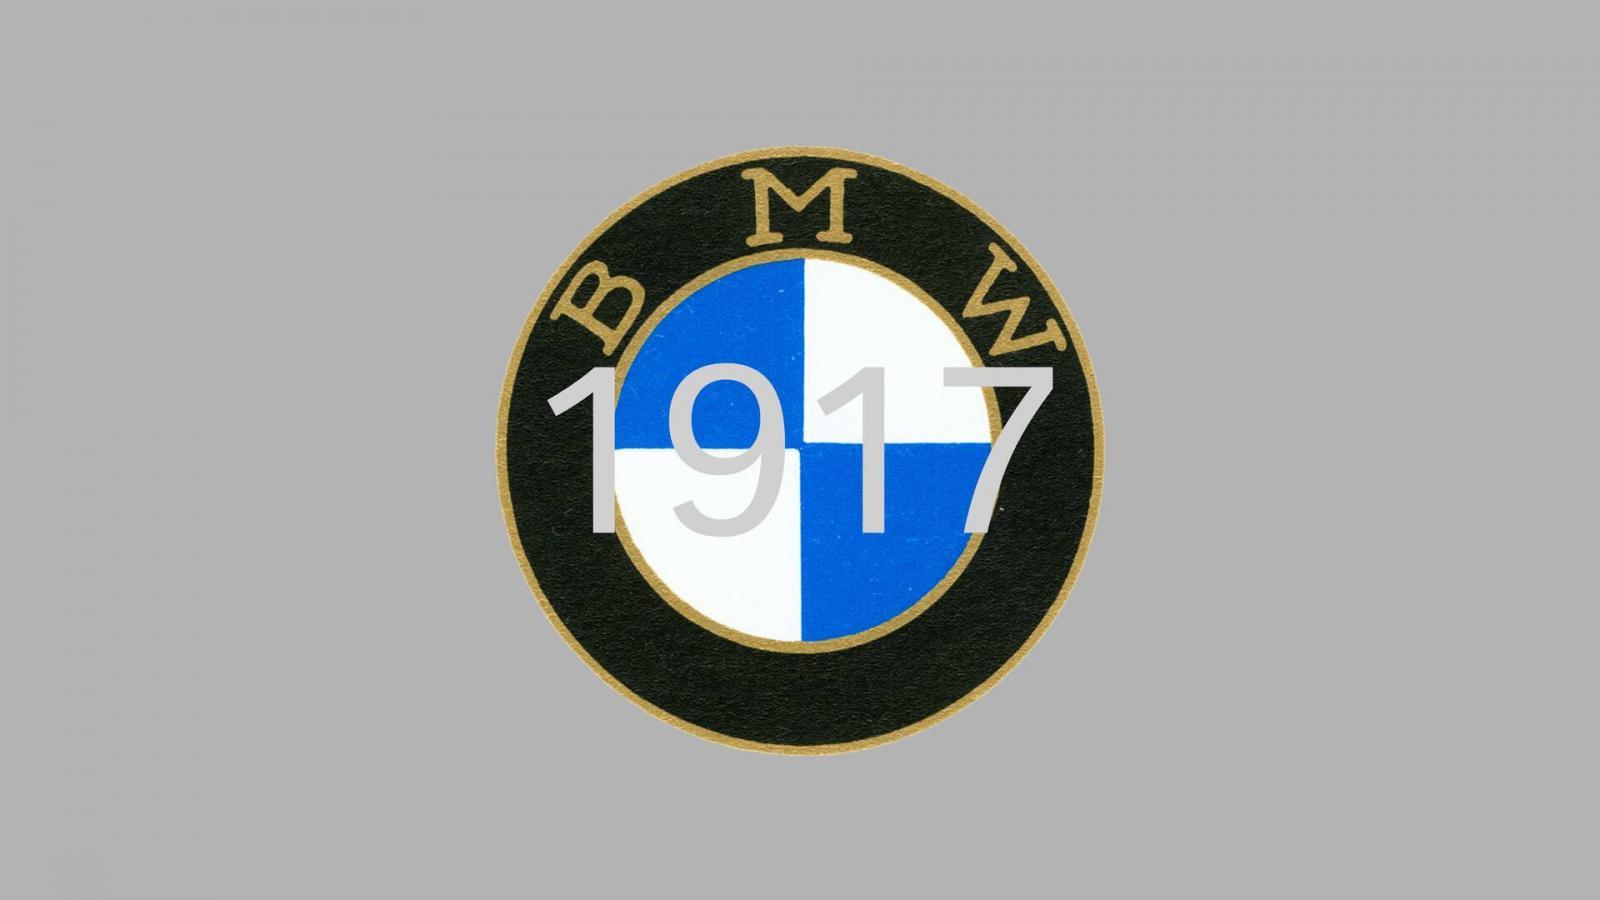 logo de BMW 1917